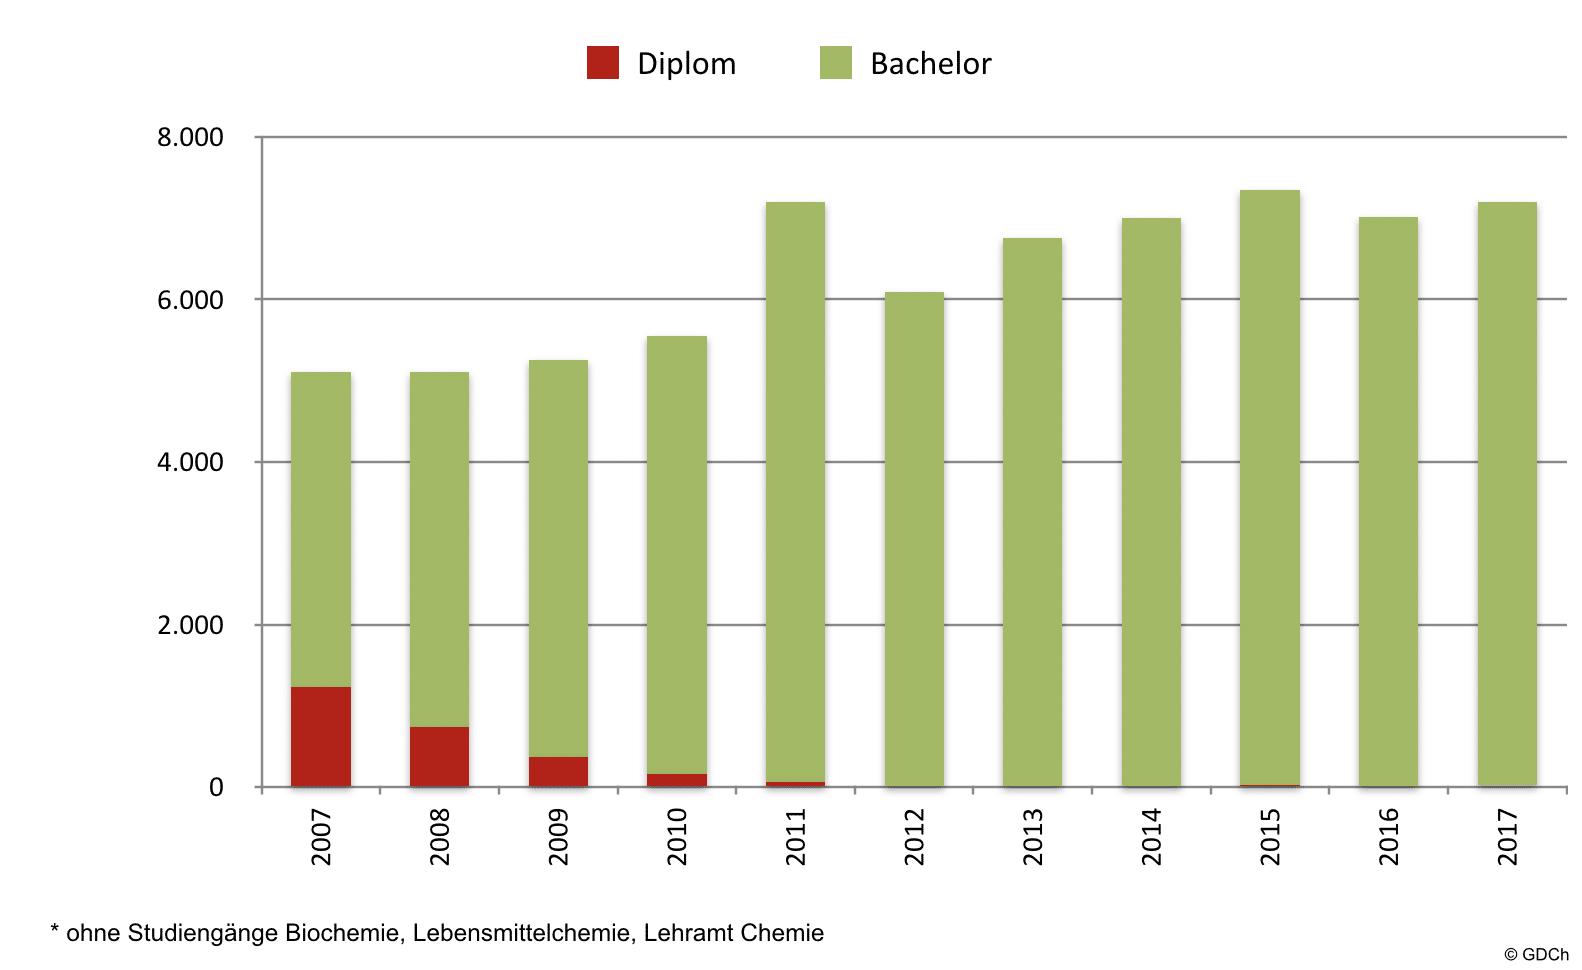 Anfängerzahlen in der Chemie bis 2017